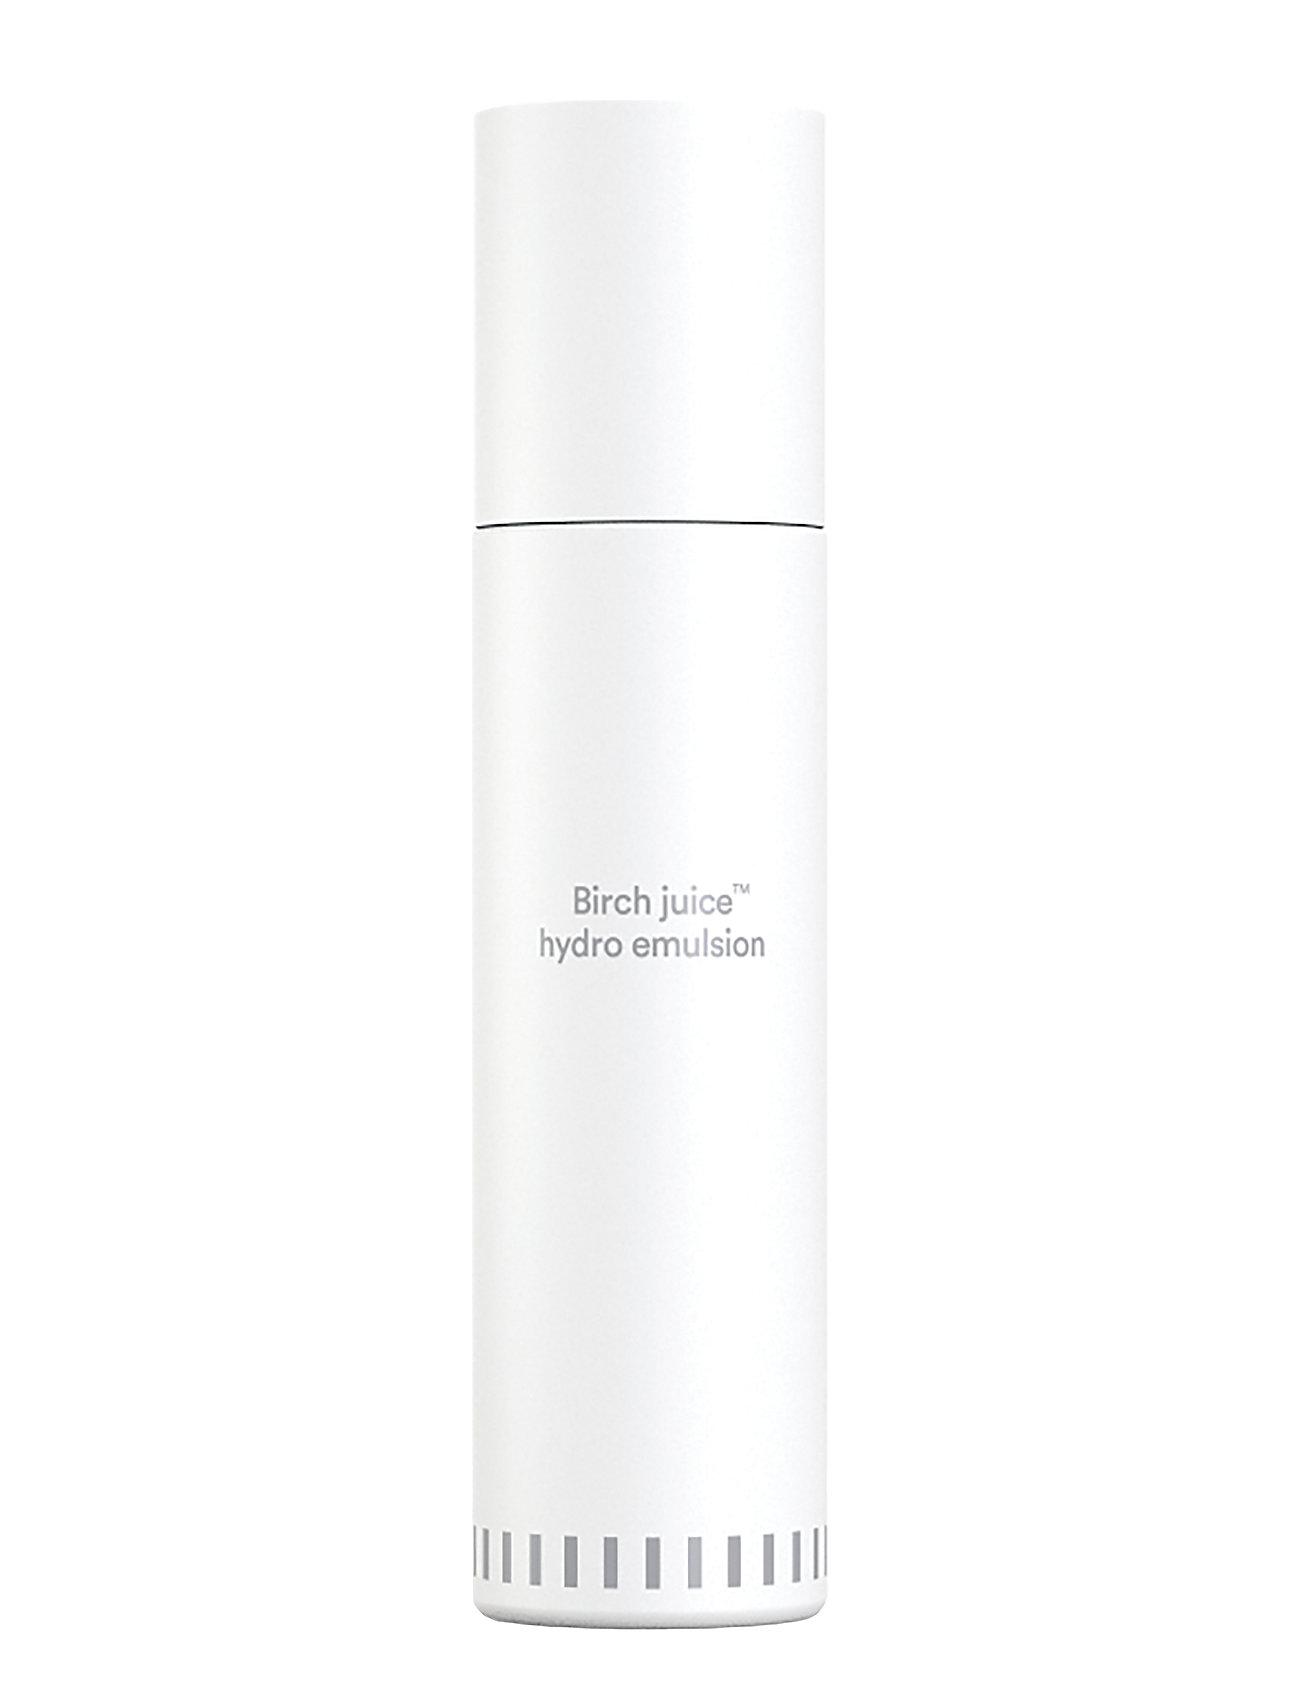 E NATURE E NATURE Birch juice™ hydro Emulsion - CLEAR